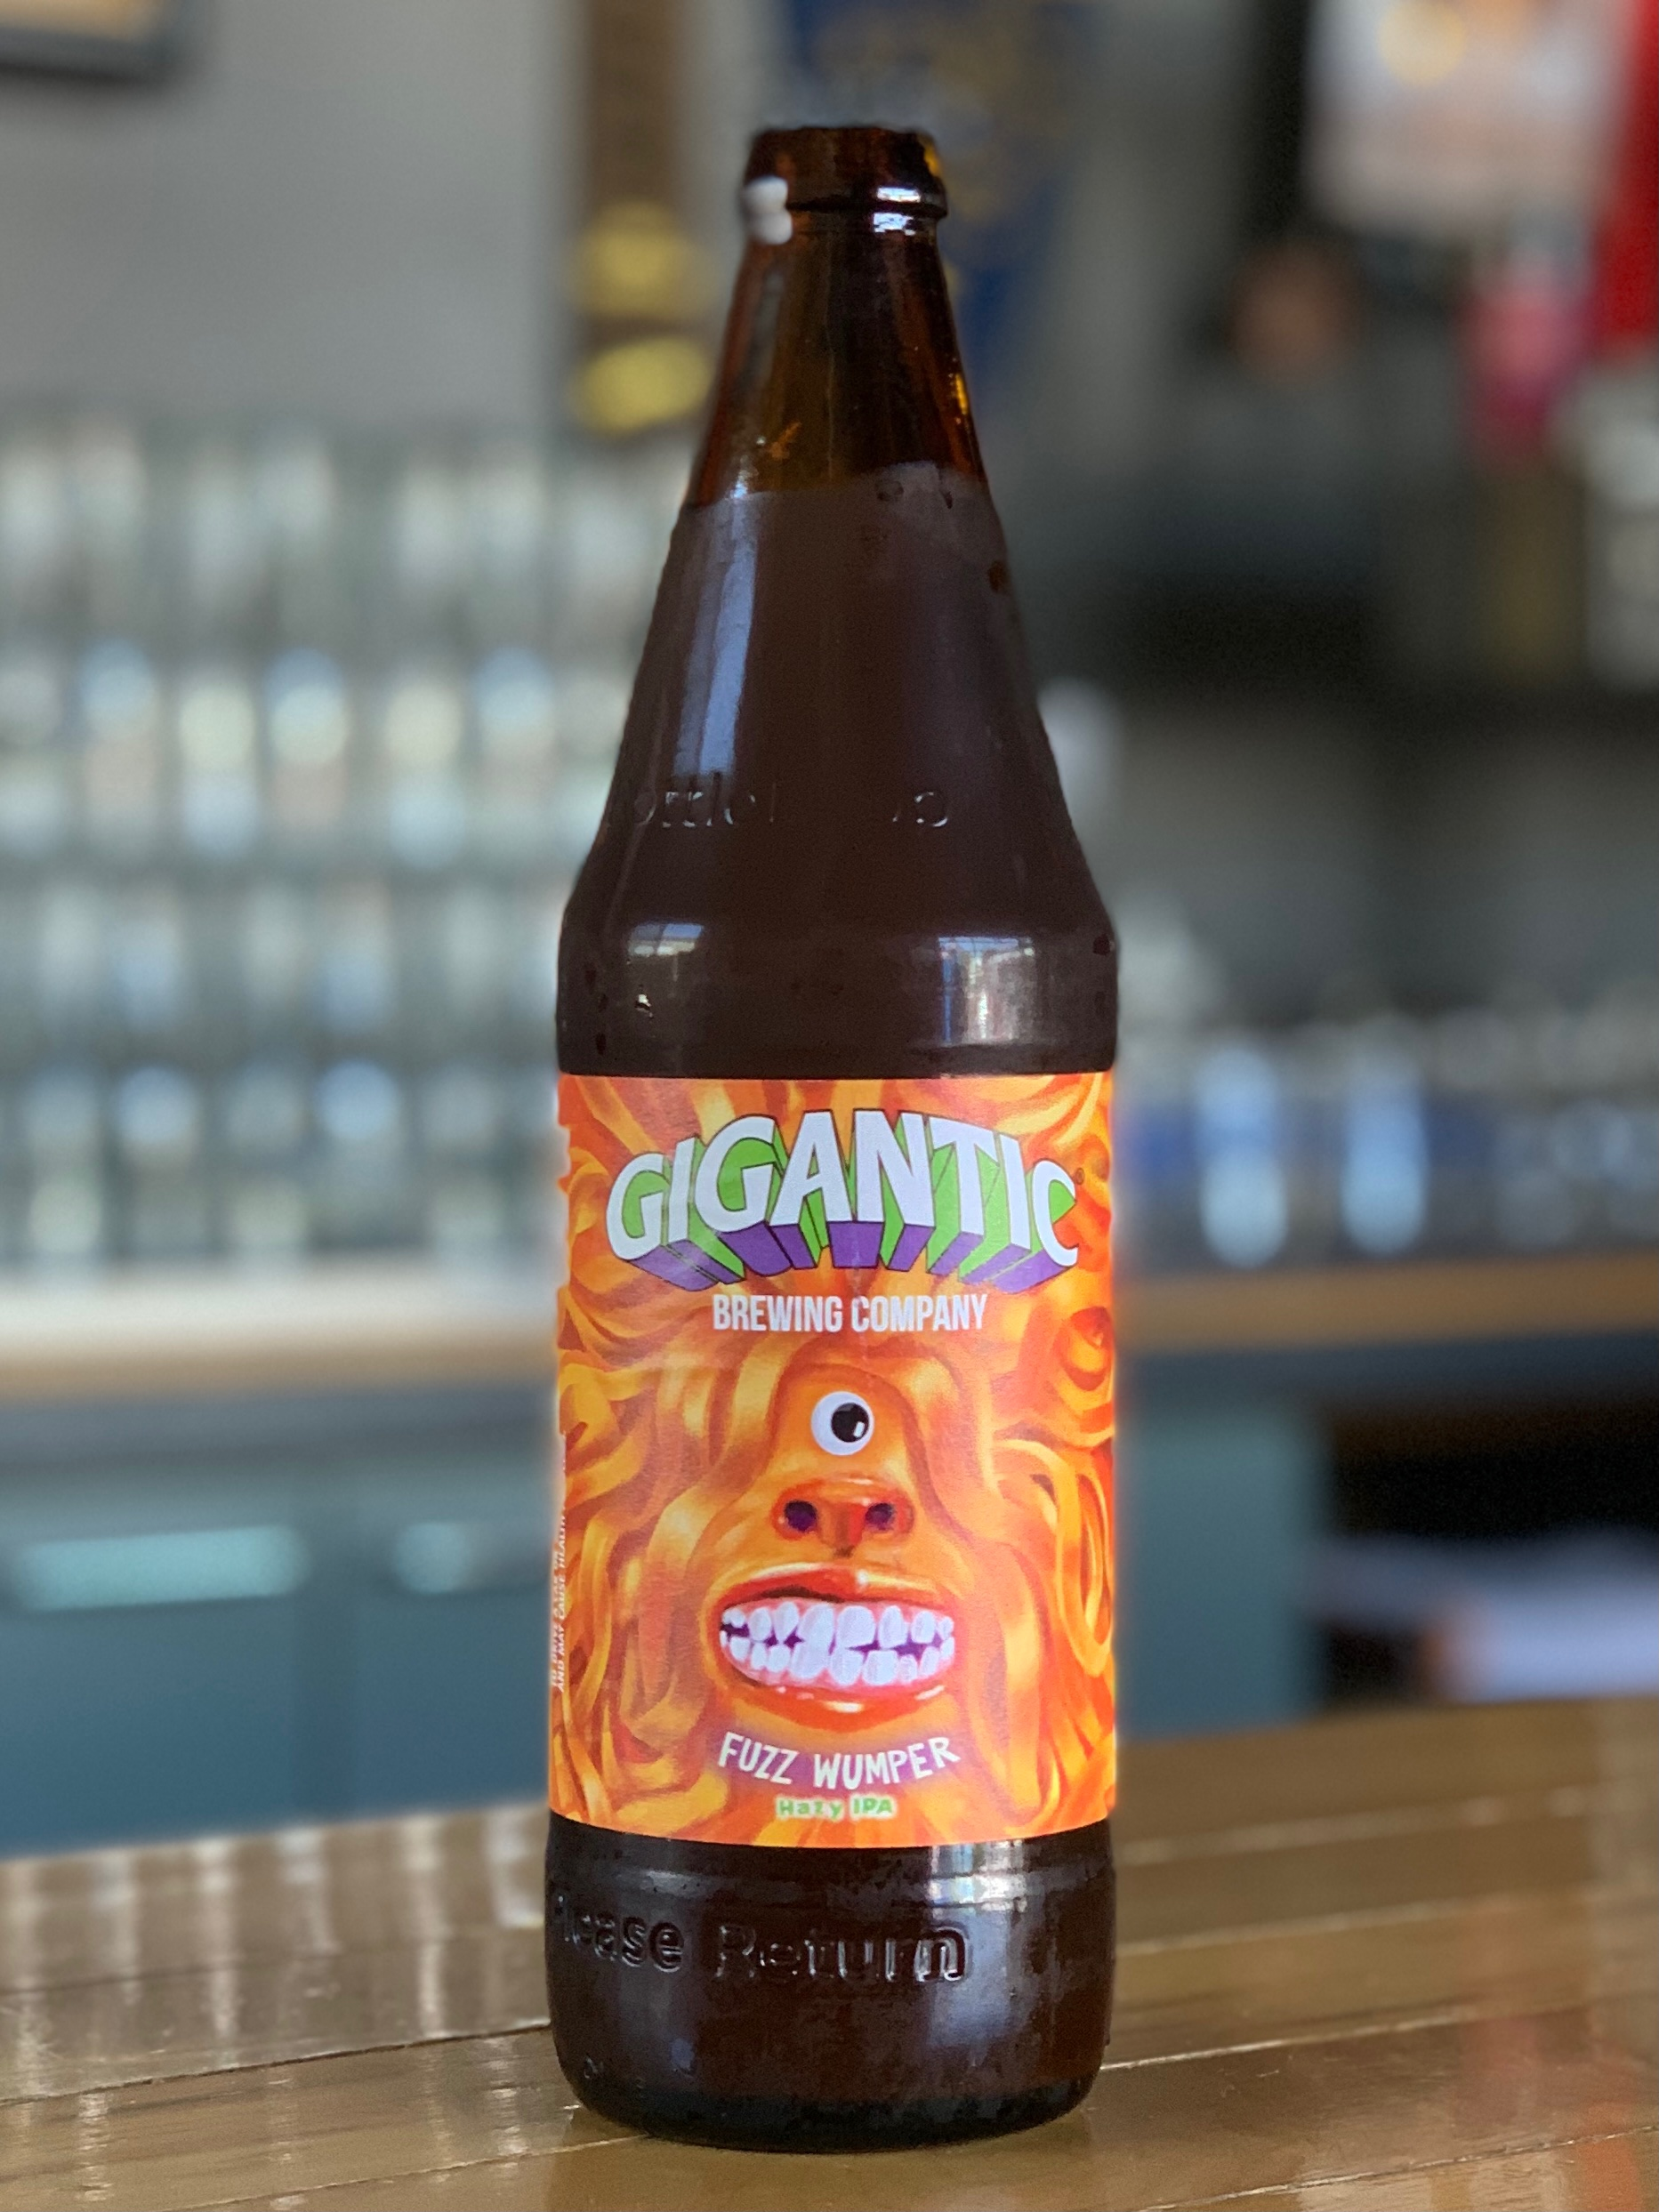 image of Fuzz Wumper Hazy IPA courtesy of Gigantic Brewing